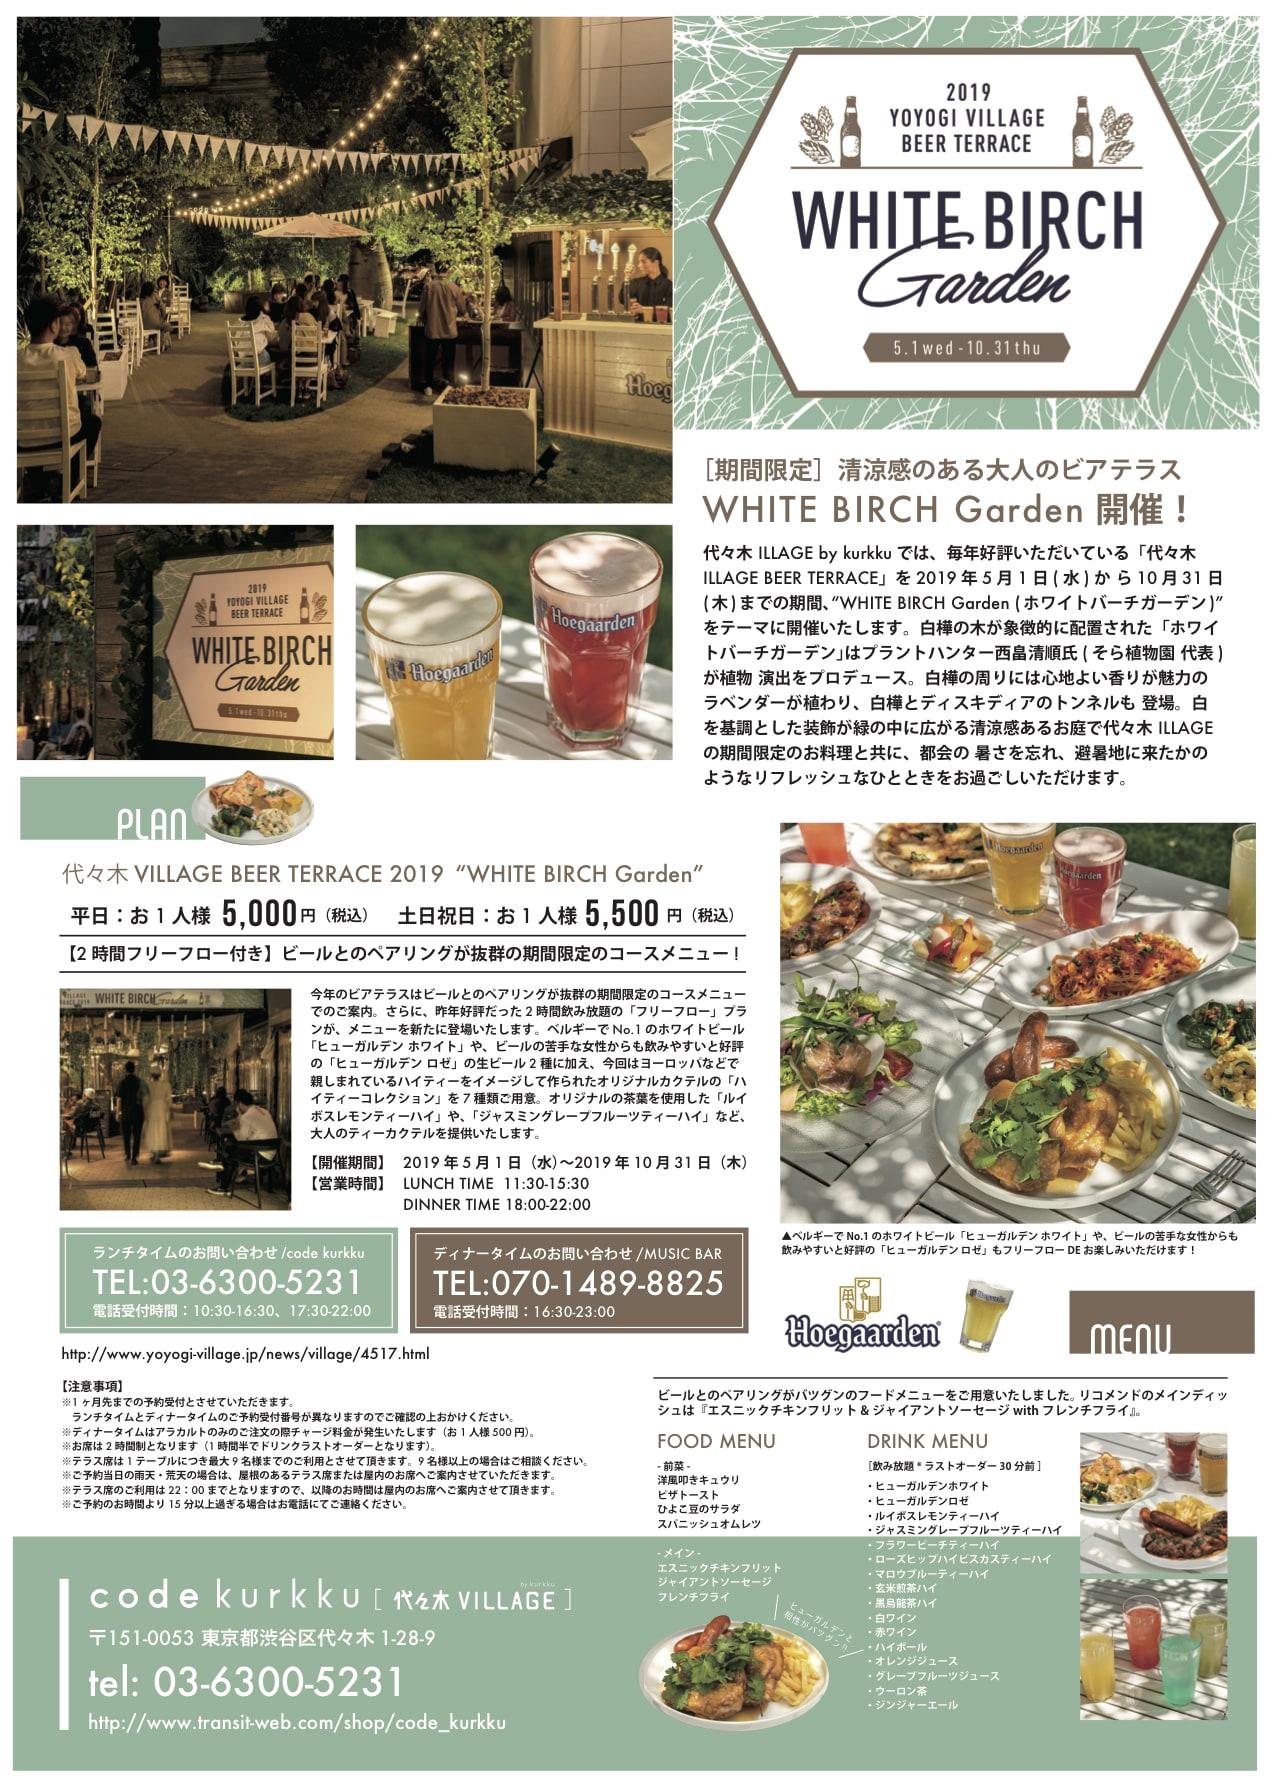 【期間限定】清涼感のある大人のビアテラス WHITE BIRCH Garden 開催!